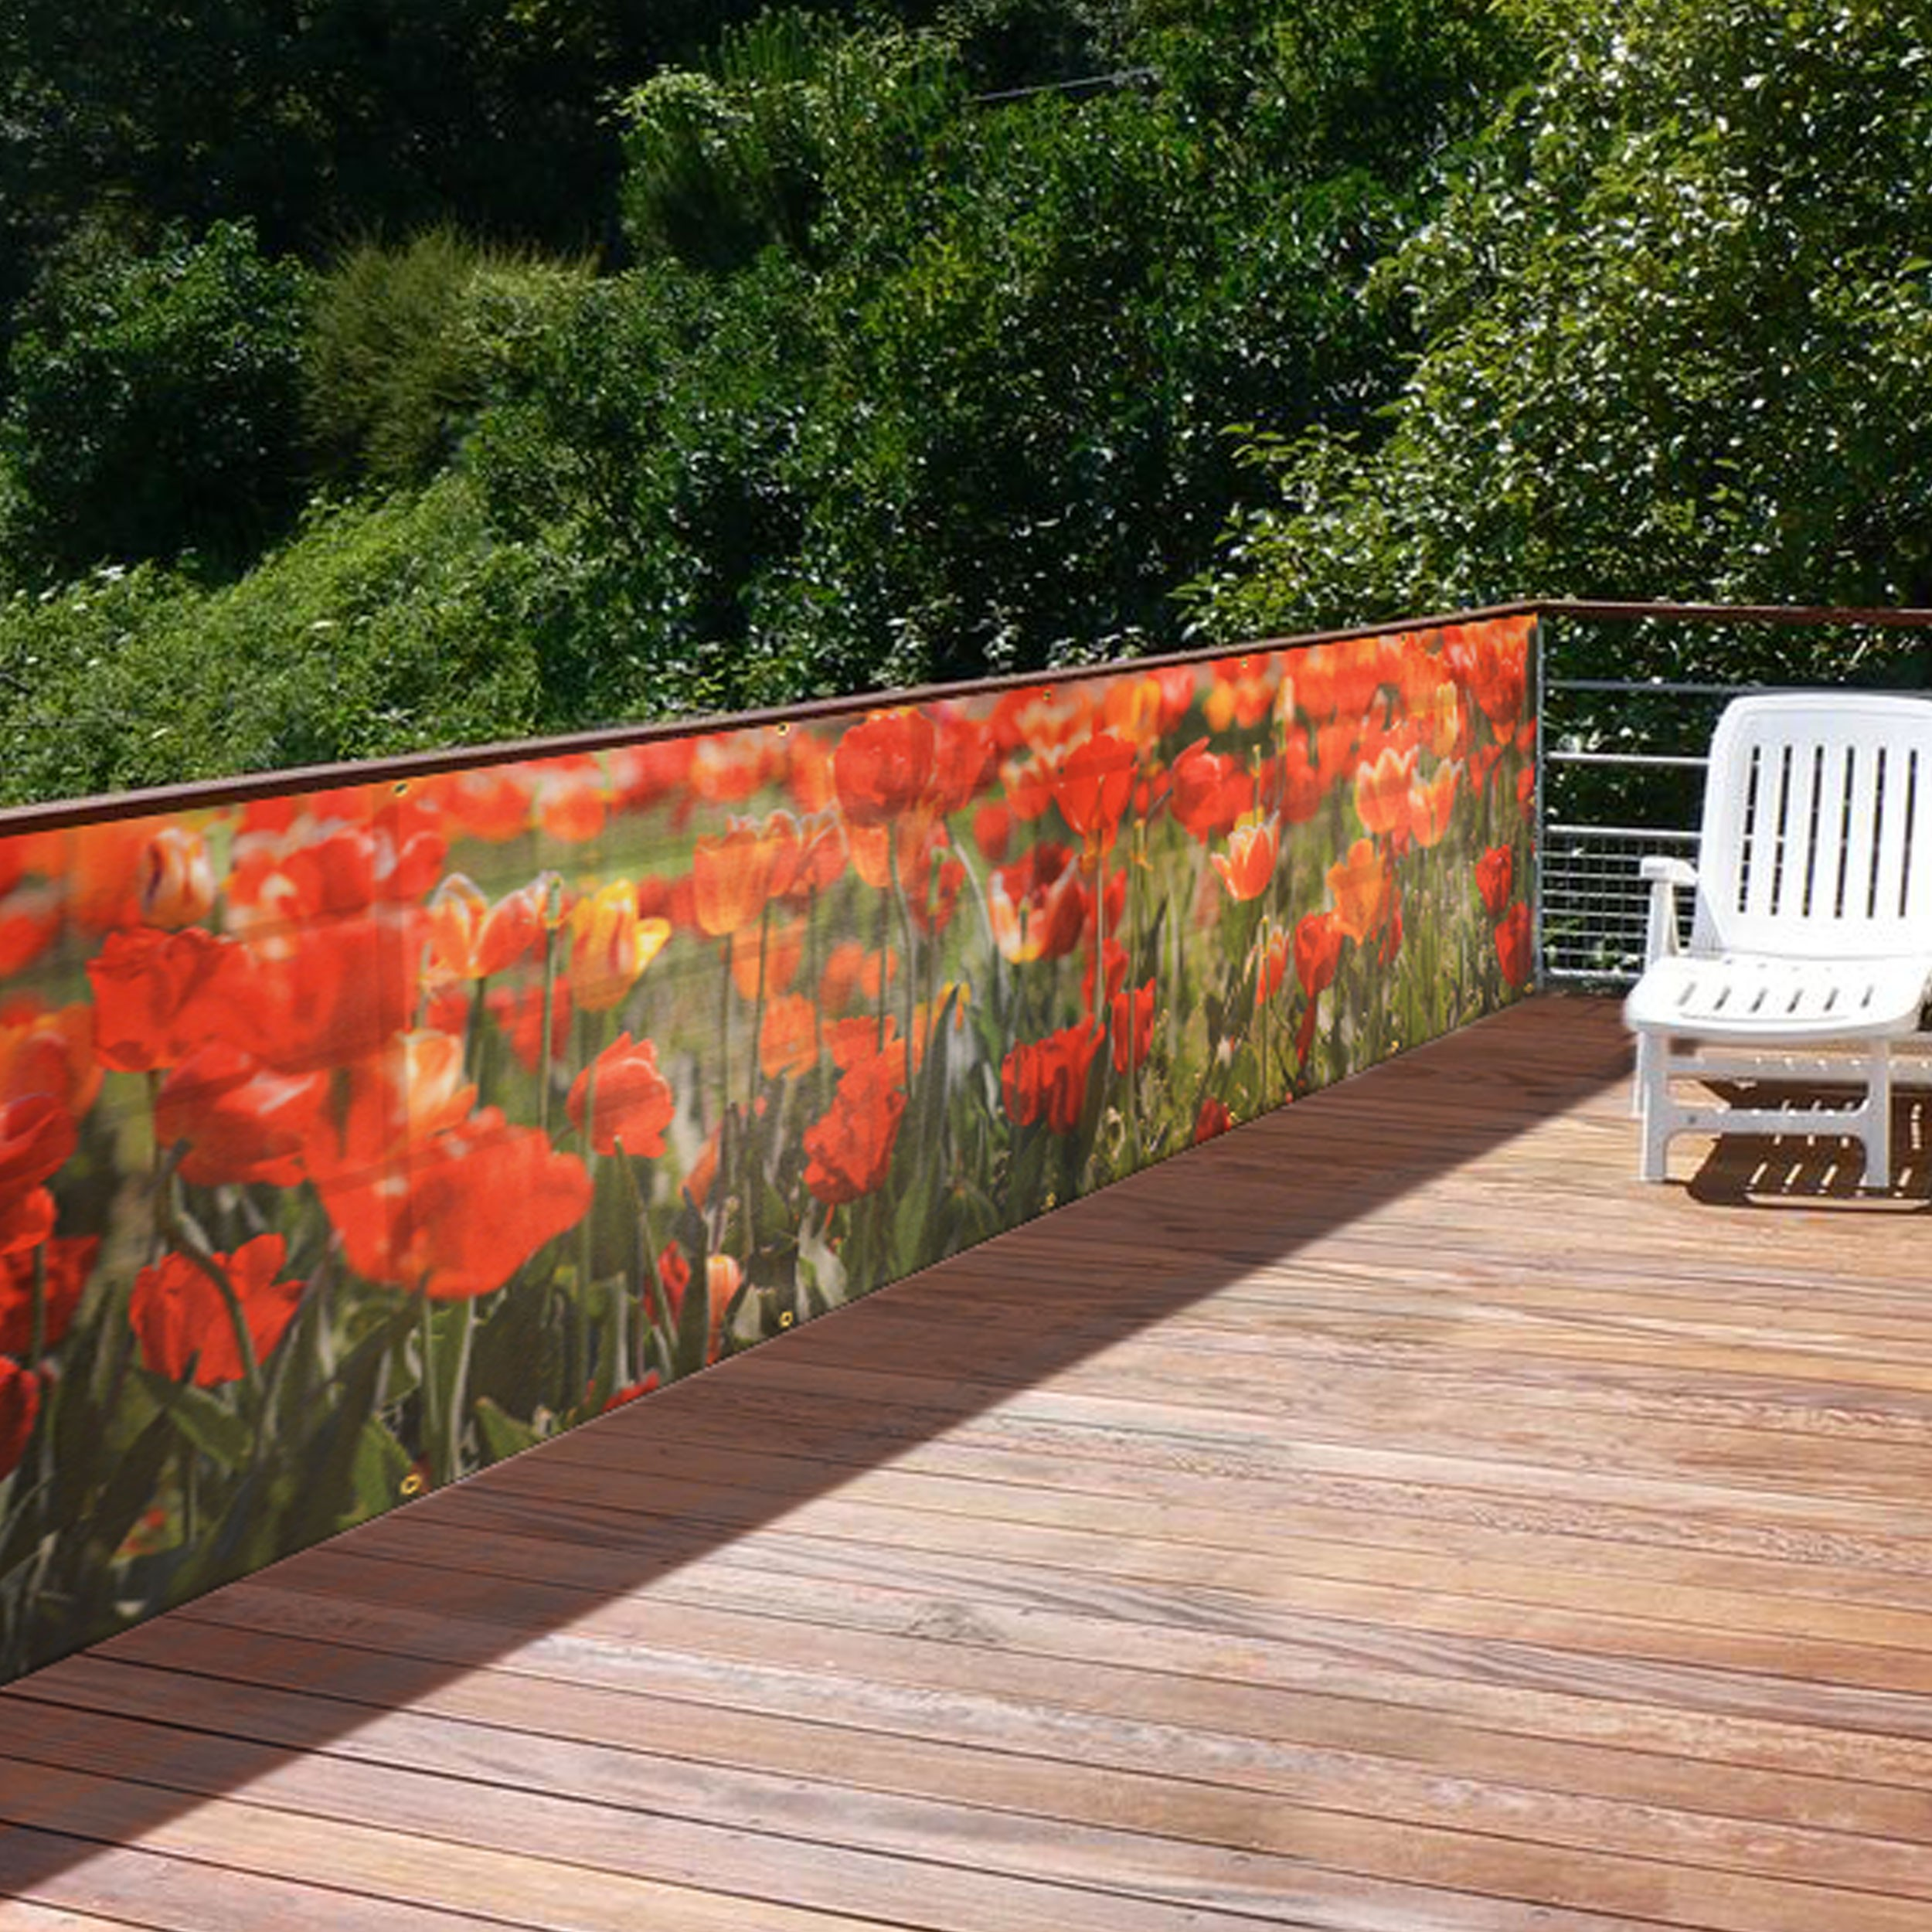 brise vue de jardin coquelicots choisissez nos brise vue de jardin coquelicots design rdv d co. Black Bedroom Furniture Sets. Home Design Ideas